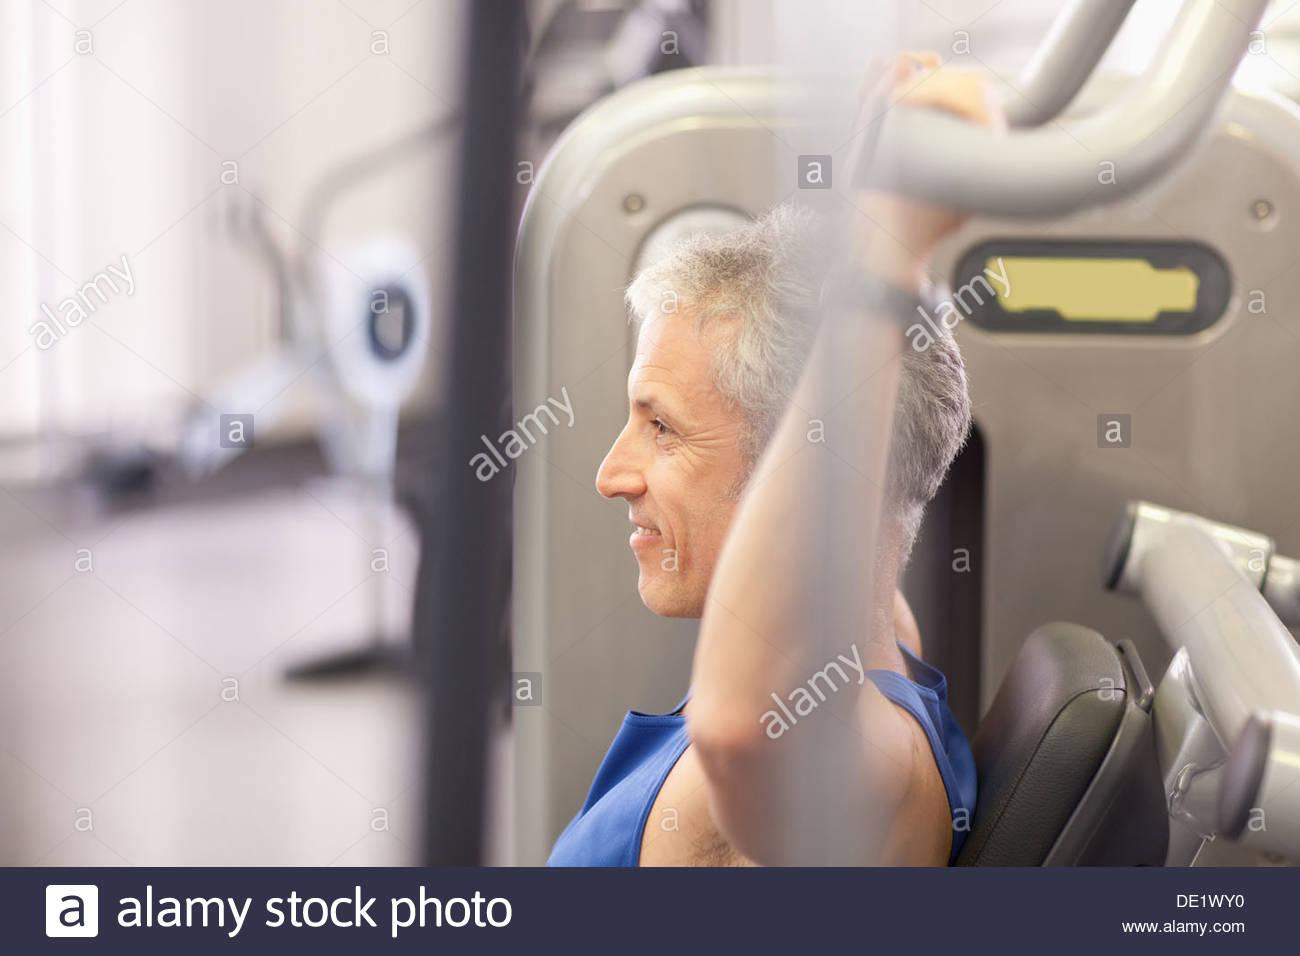 Portrait of smiling man using machine d'exercice dans un gymnase Photo Stock